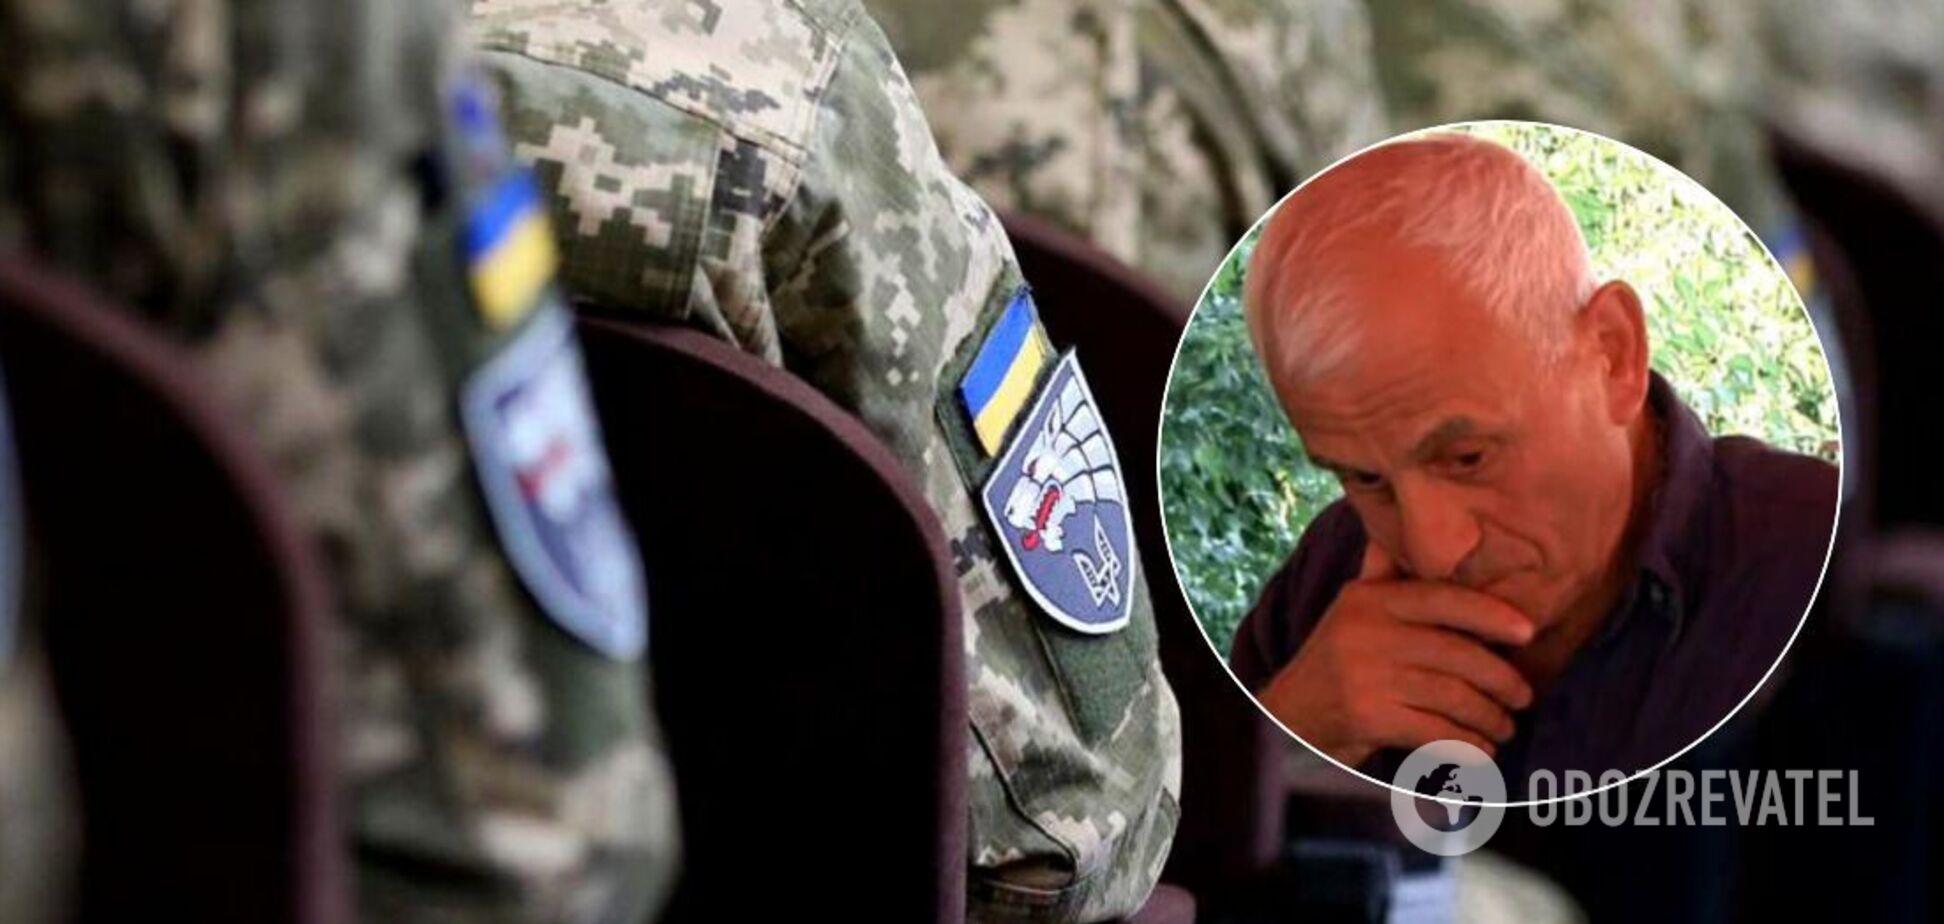 В Кропивницком ветераны заставили извиниться мужчину за слова о гражданской войне на Донбассе